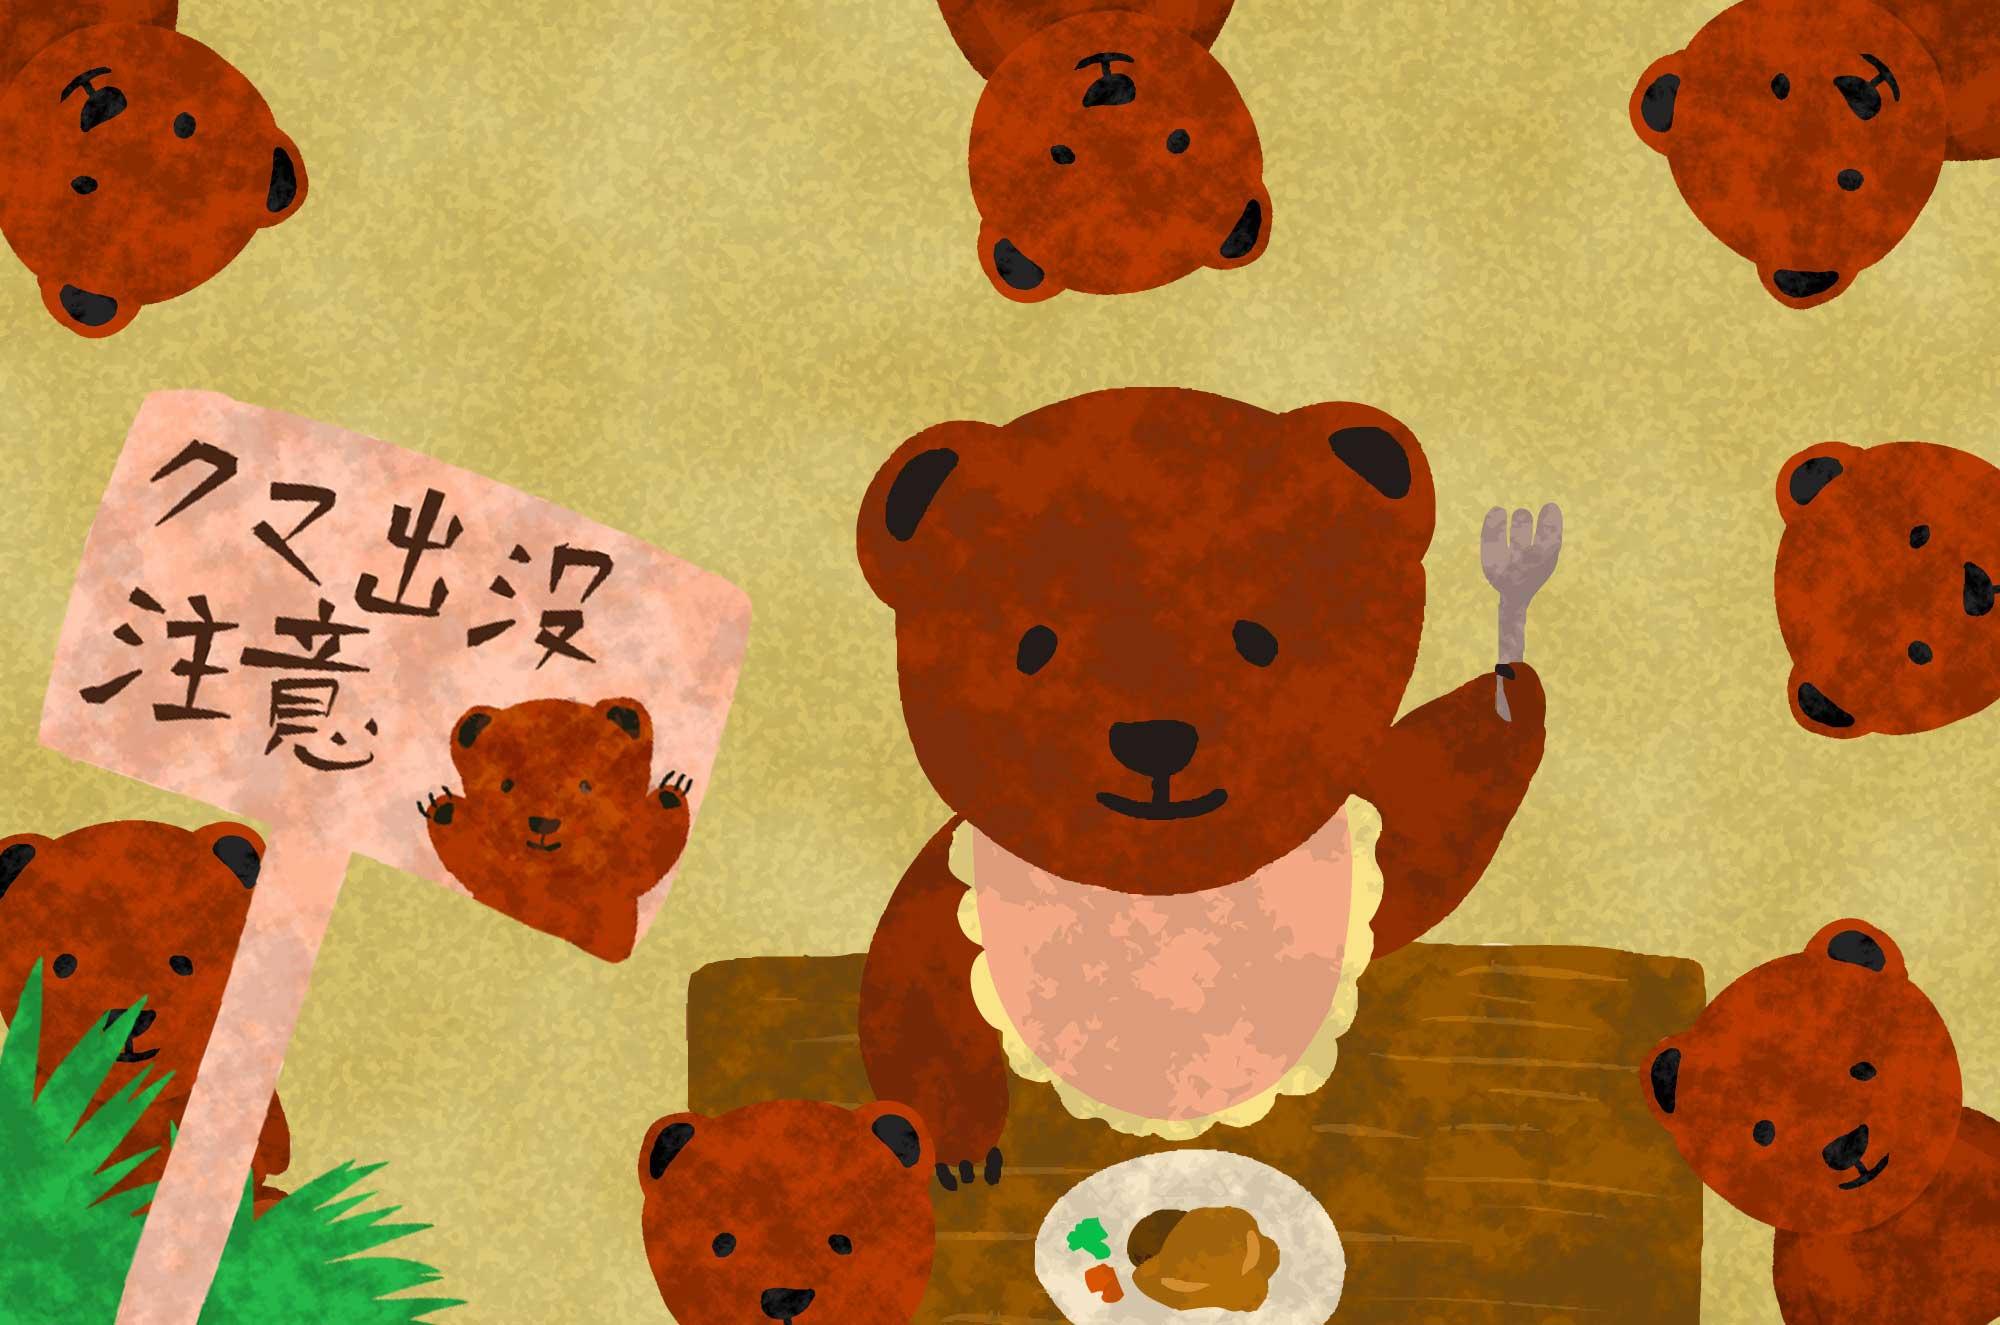 可愛いくまのイラスト - 仲良し親子の動物フリー素材